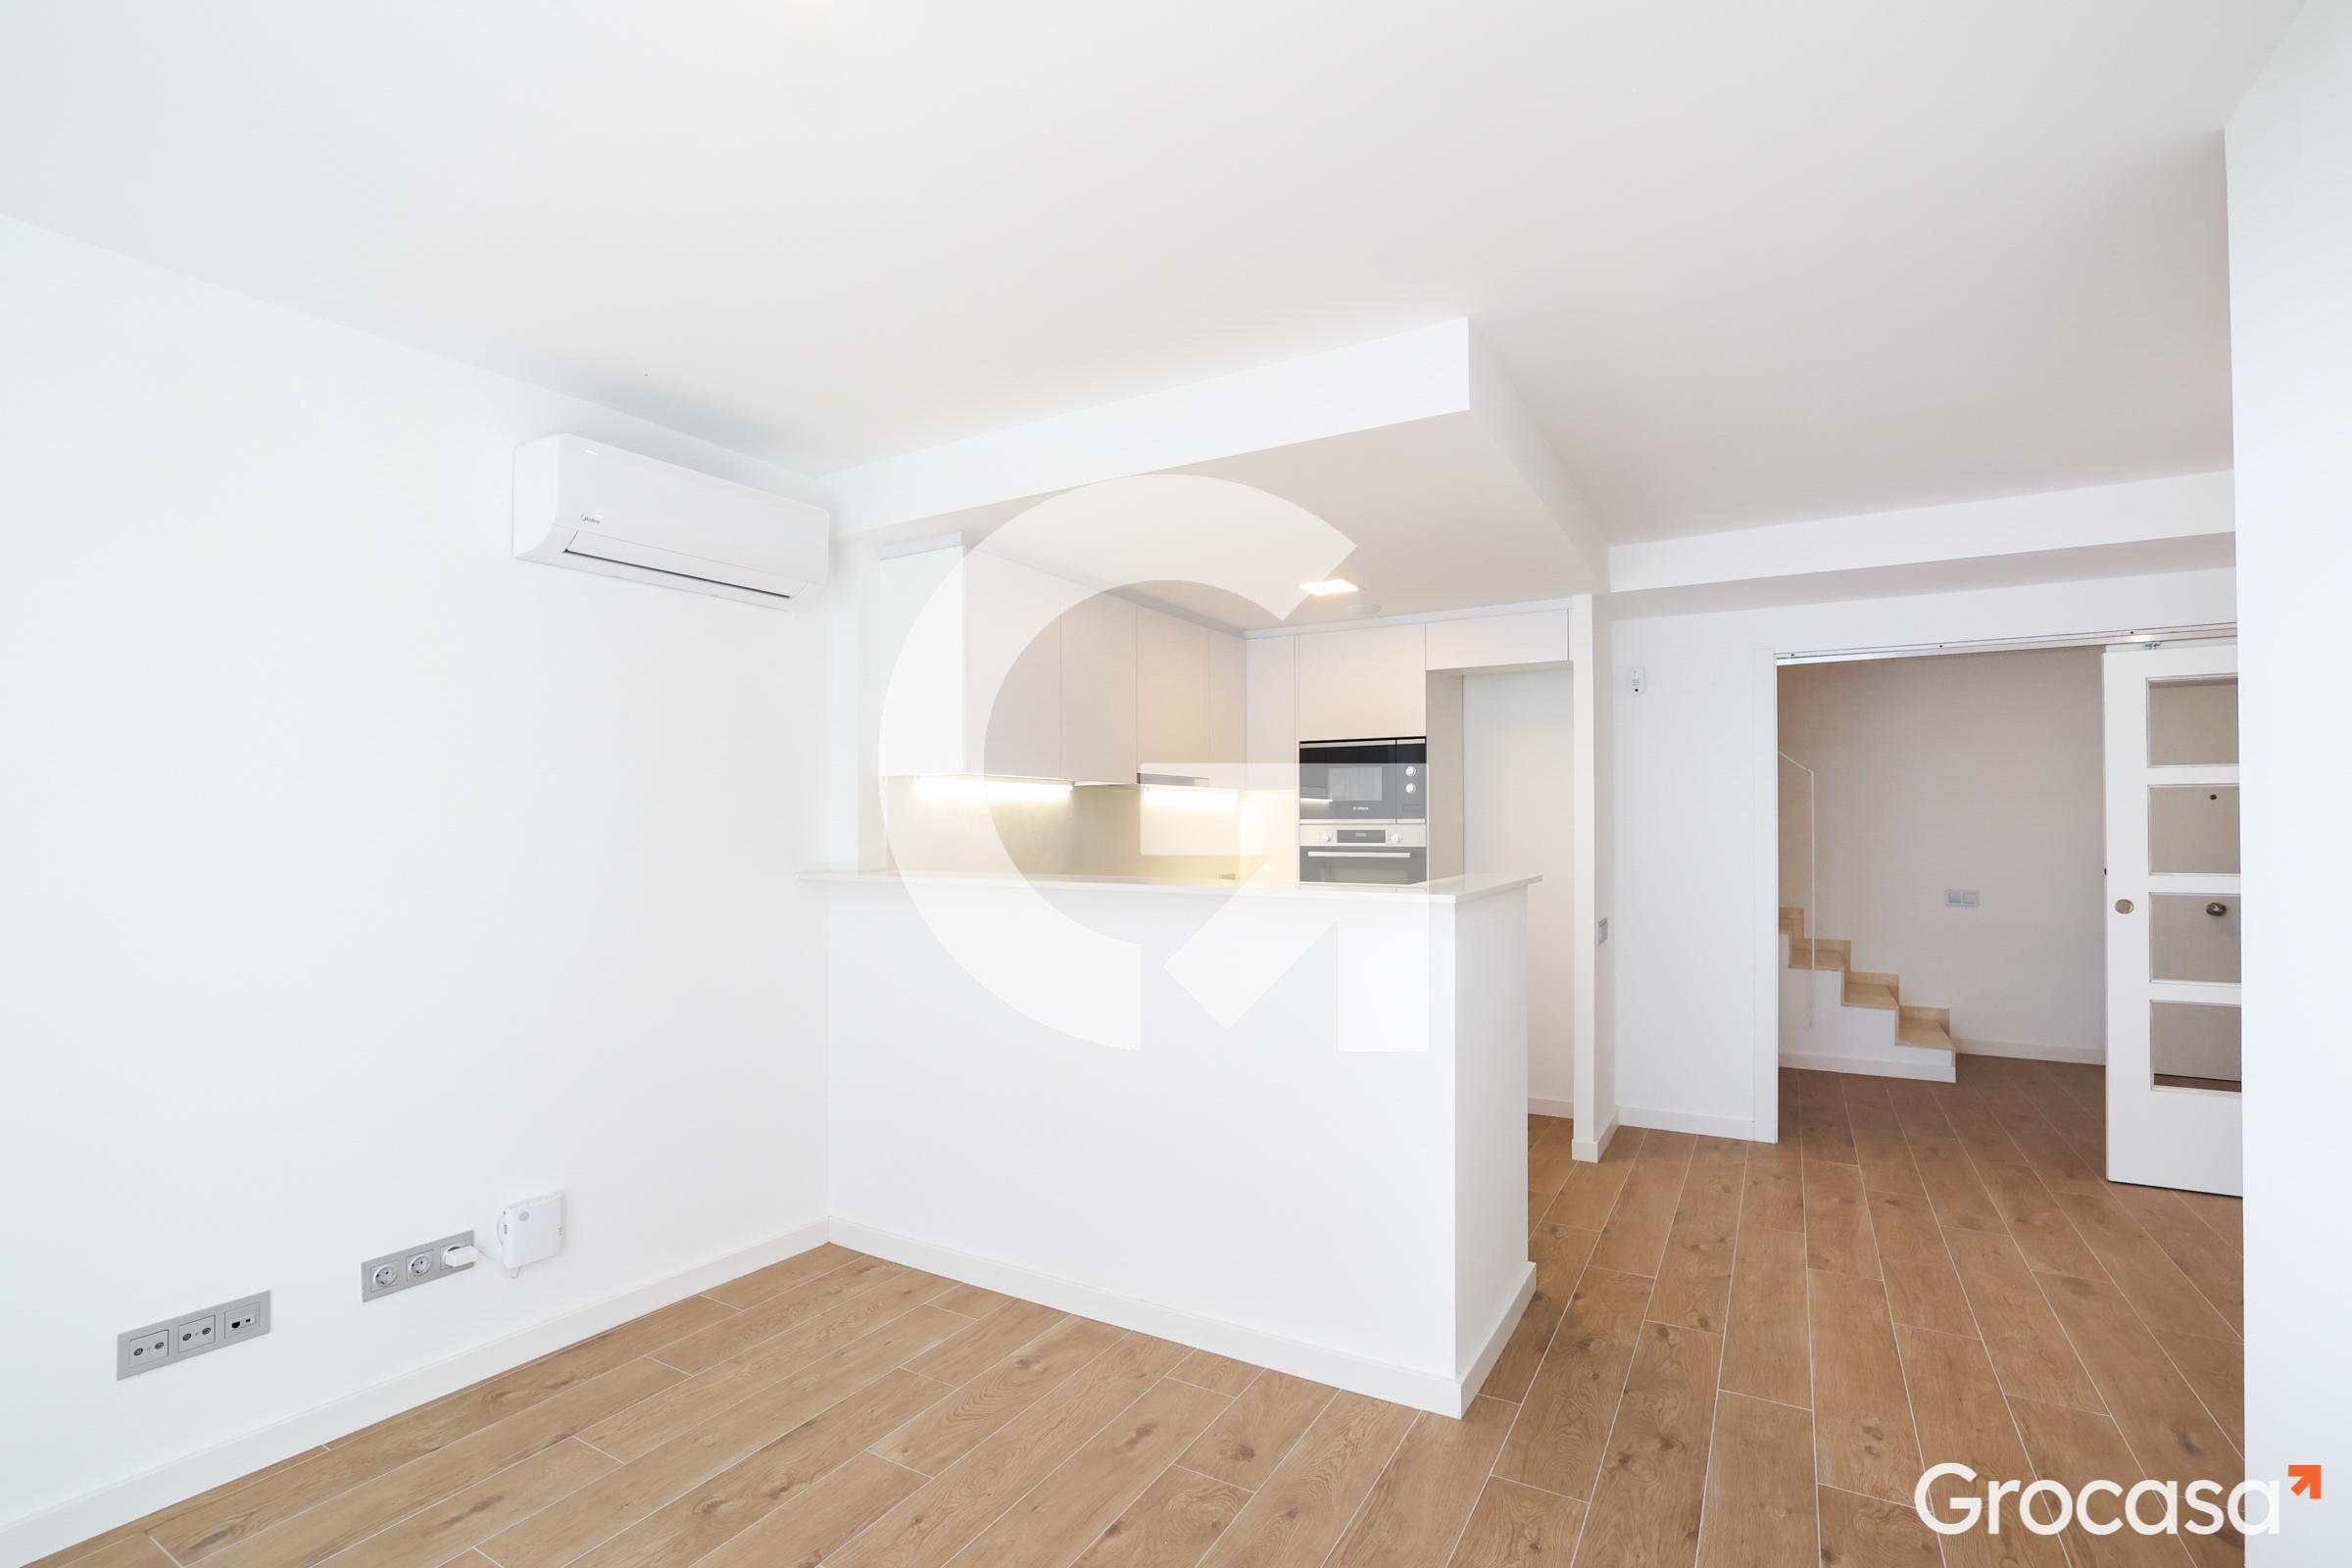 Duplex en Sta eulalia en L'Hospitalet de llobregat en Venta por 289.000€